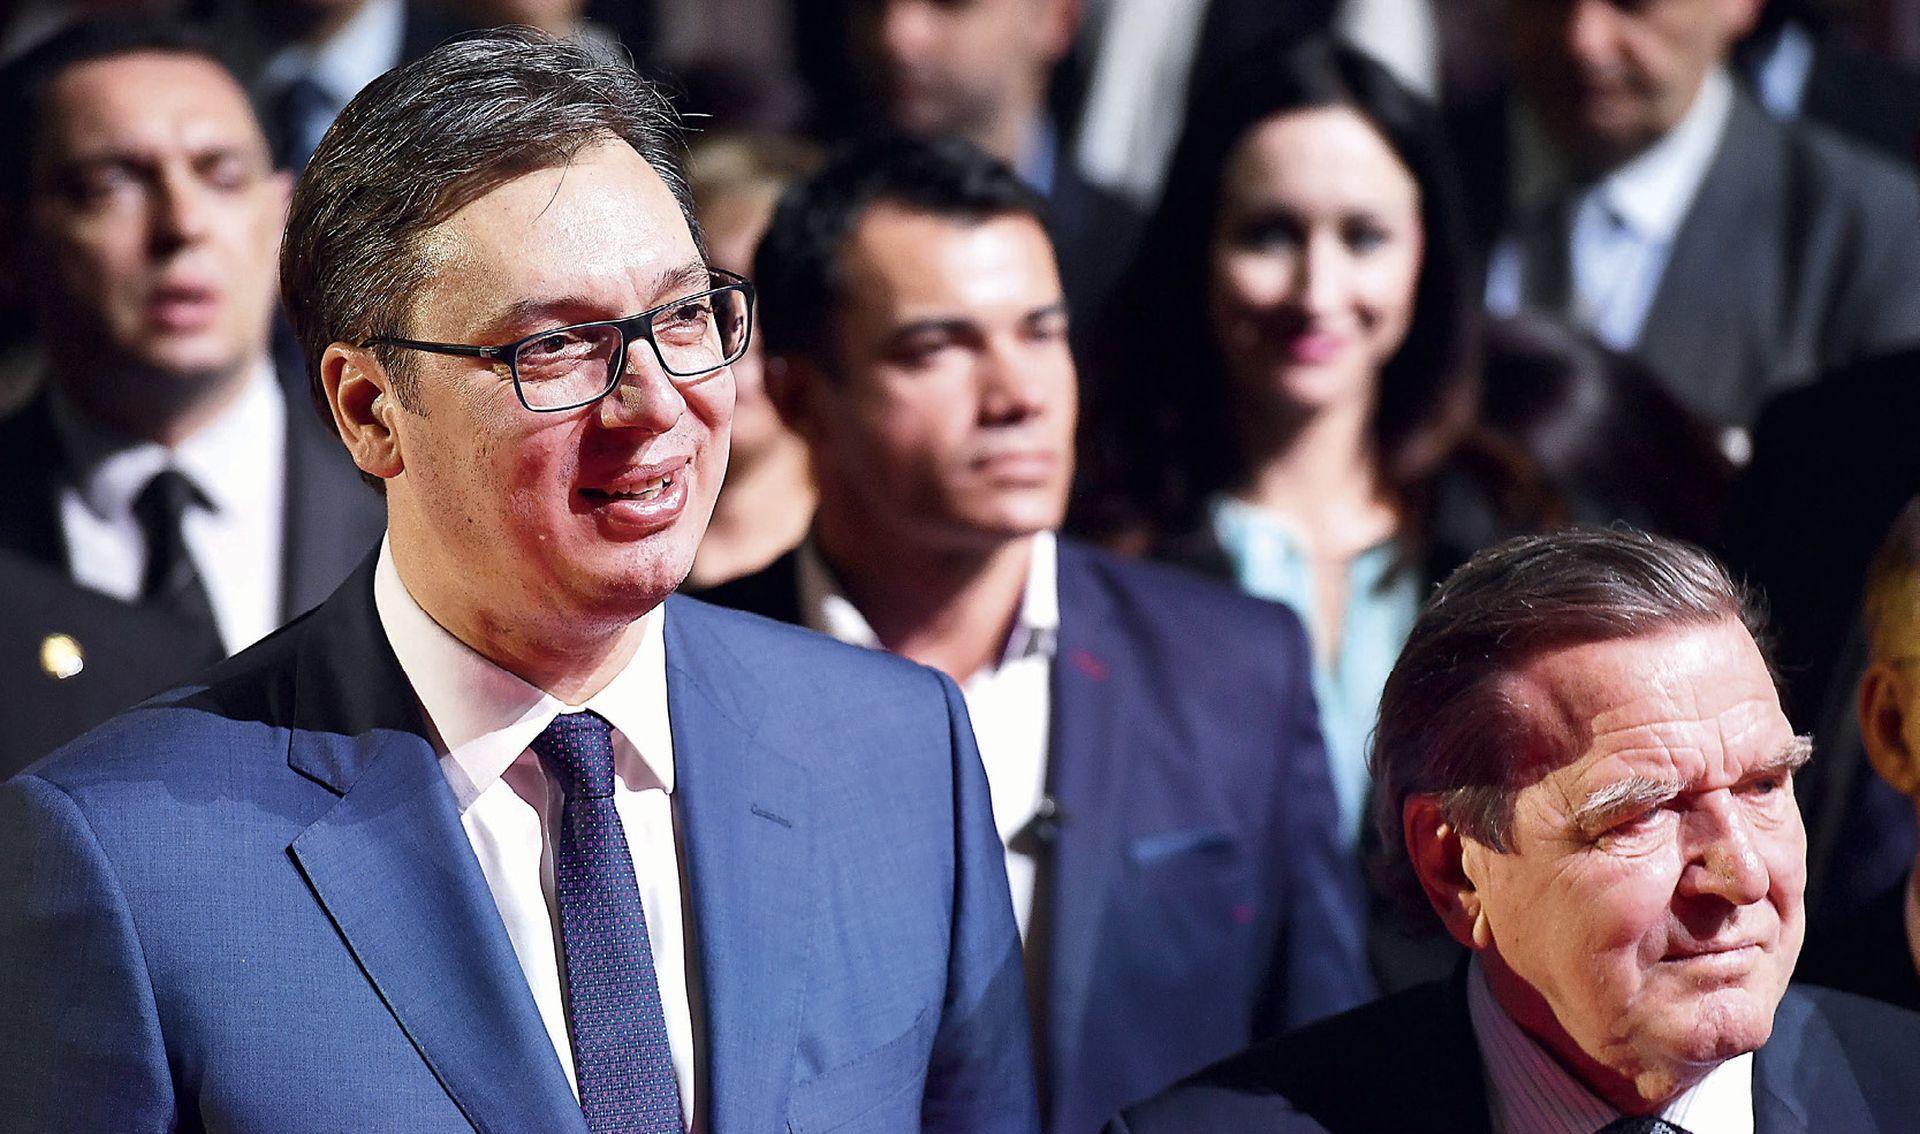 KONAČNI REZULTATI IZBORA U SRBIJI Vučić dobio 55,08 posto glasova